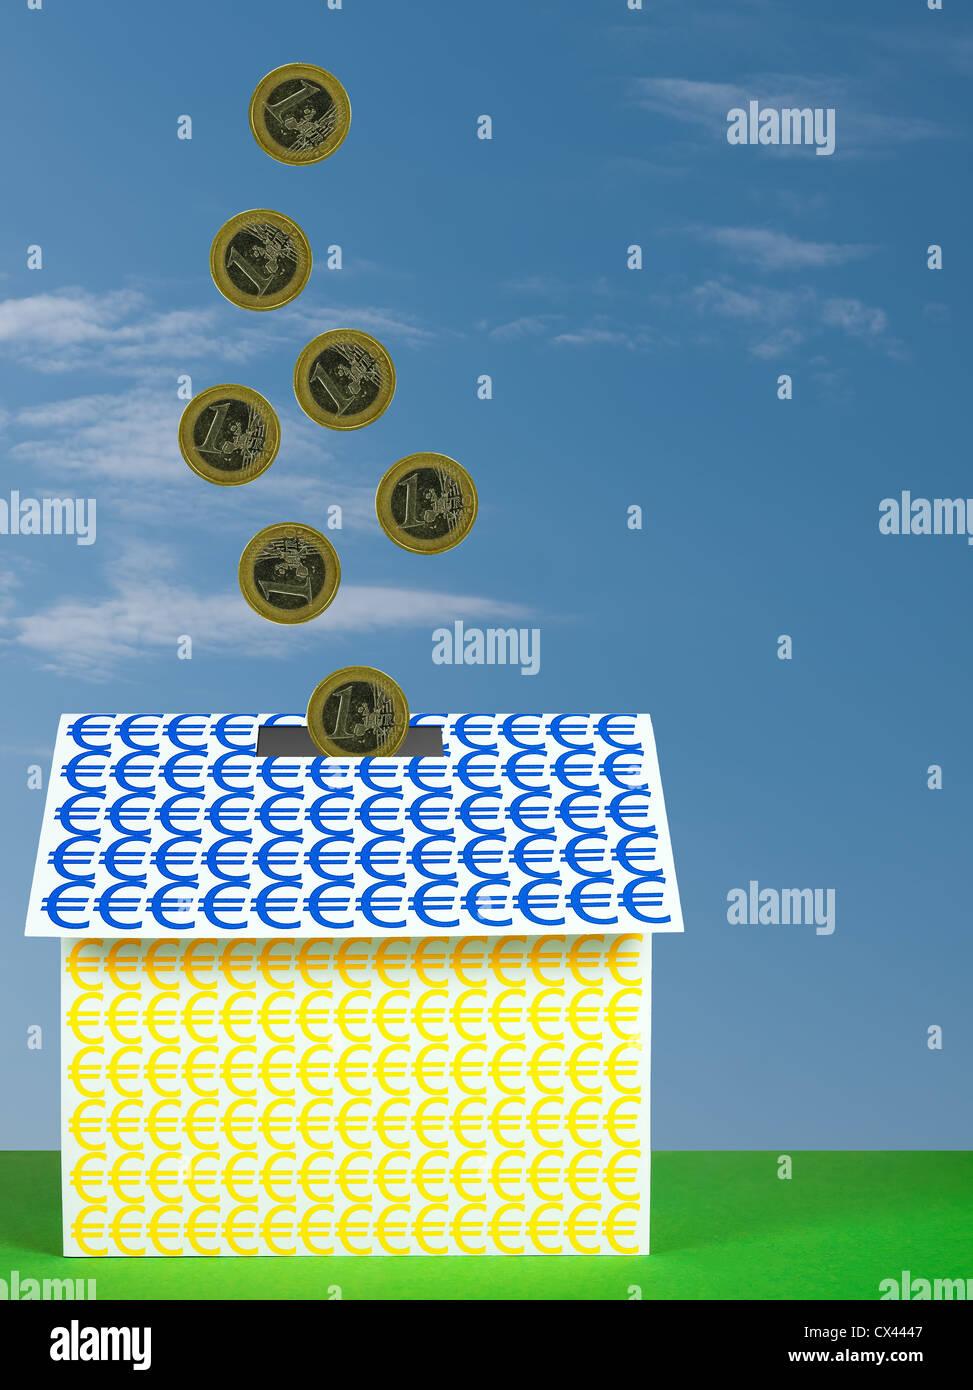 Euros coins going into euro house - Stock Image